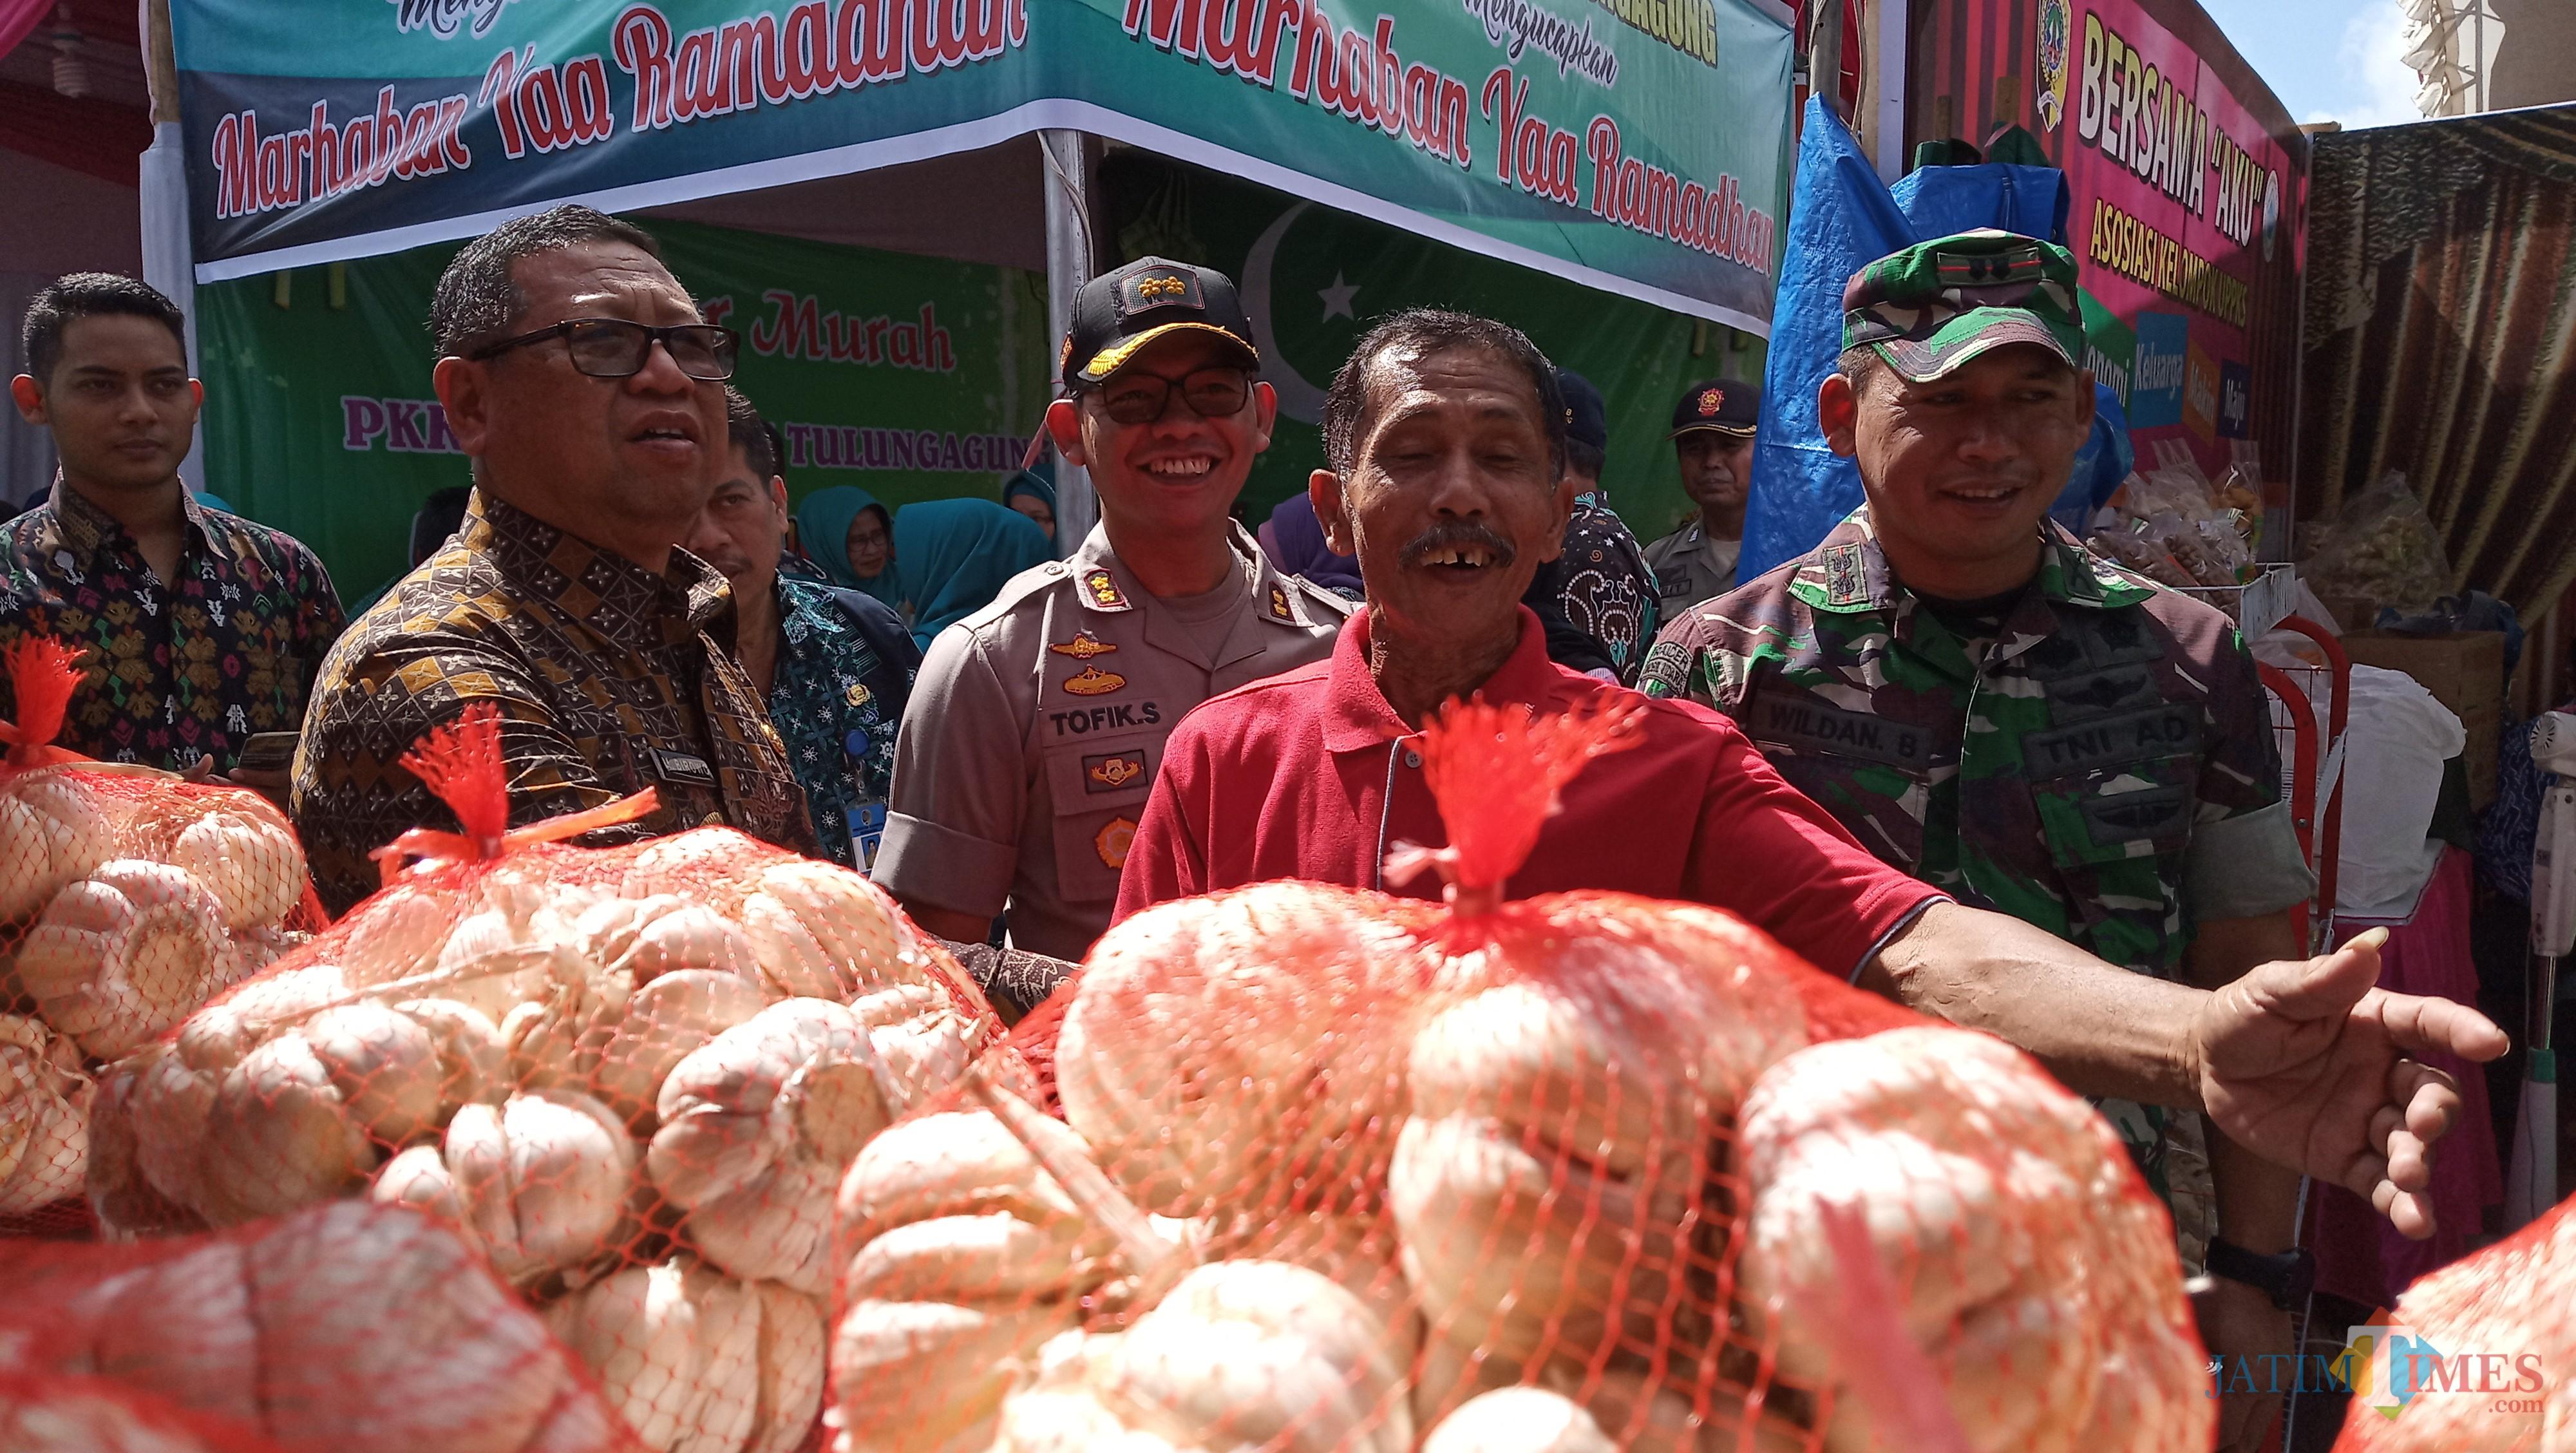 Plt Bupati Tulungagung (kiri)  didampingi Kapolres dan Dandim melihat kondisi pasar murah (foto : Joko Pramono/Jatim Times)